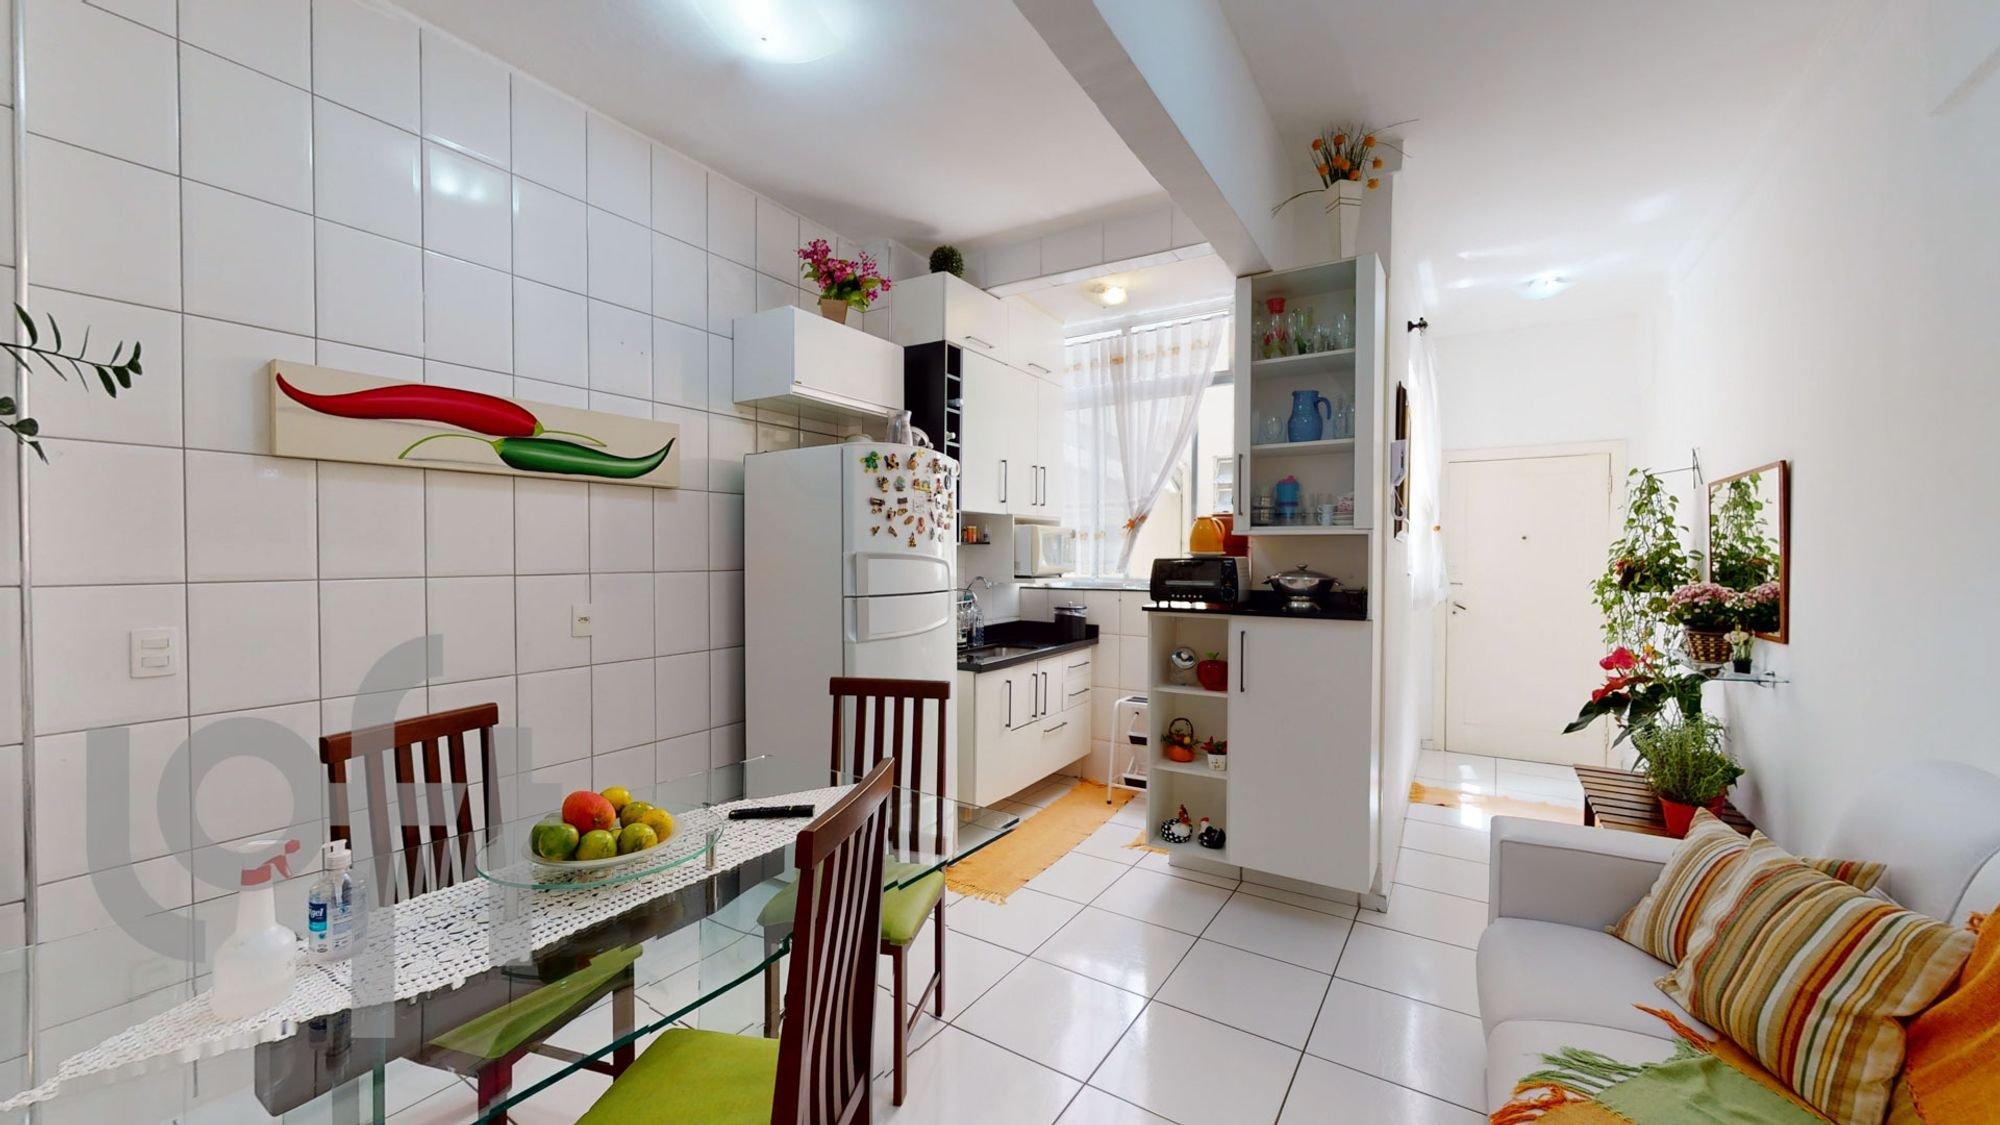 Foto de Cozinha com vaso de planta, maçã, sofá, geladeira, cadeira, mesa de jantar